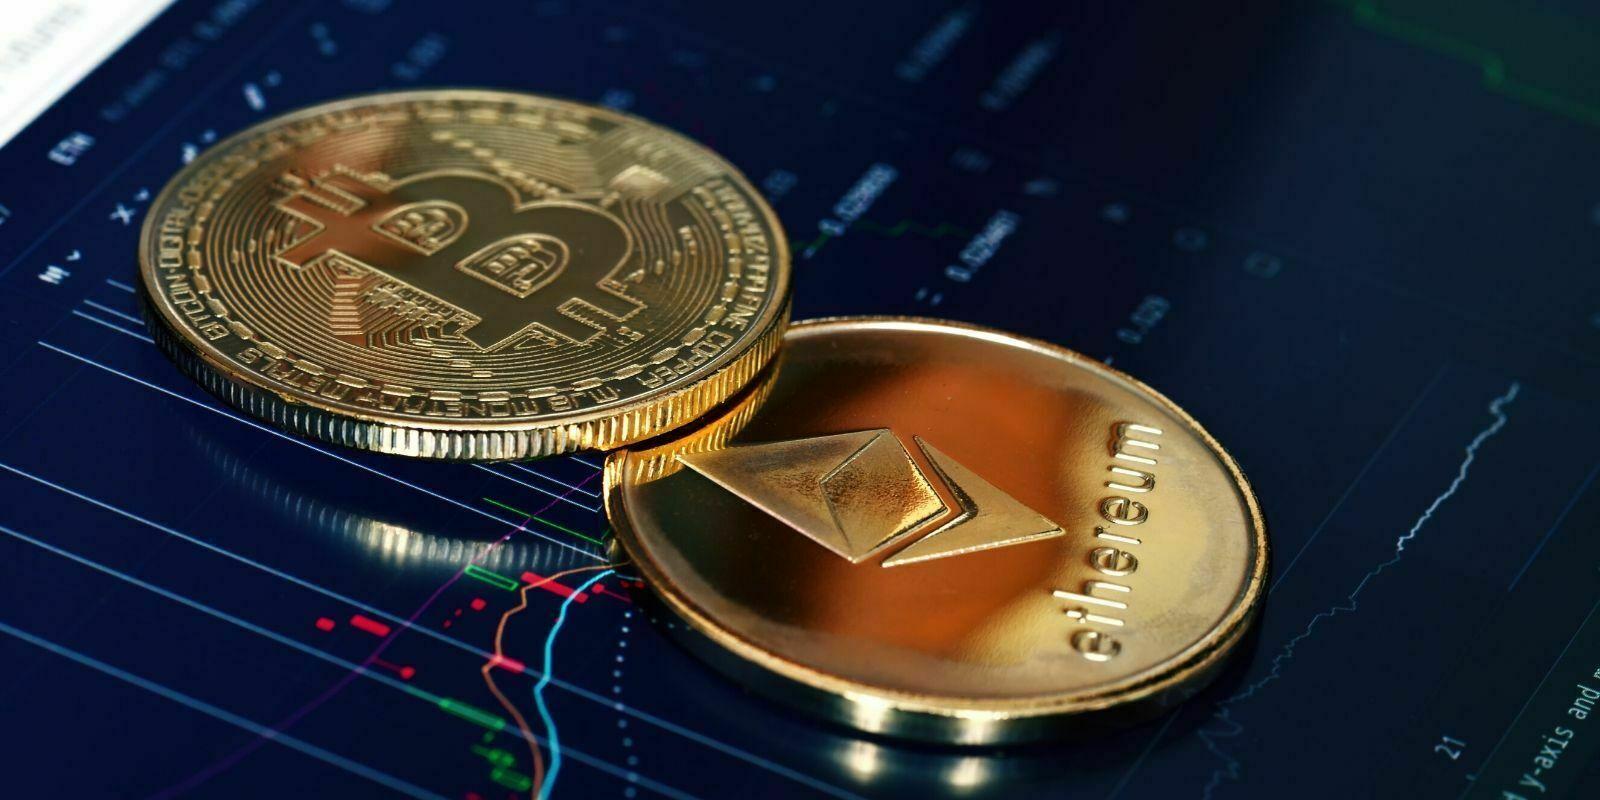 Coinfloor déliste l'Éther (ETH) et le Bitcoin Cash (BCH) pour se concentrer sur le Bitcoin